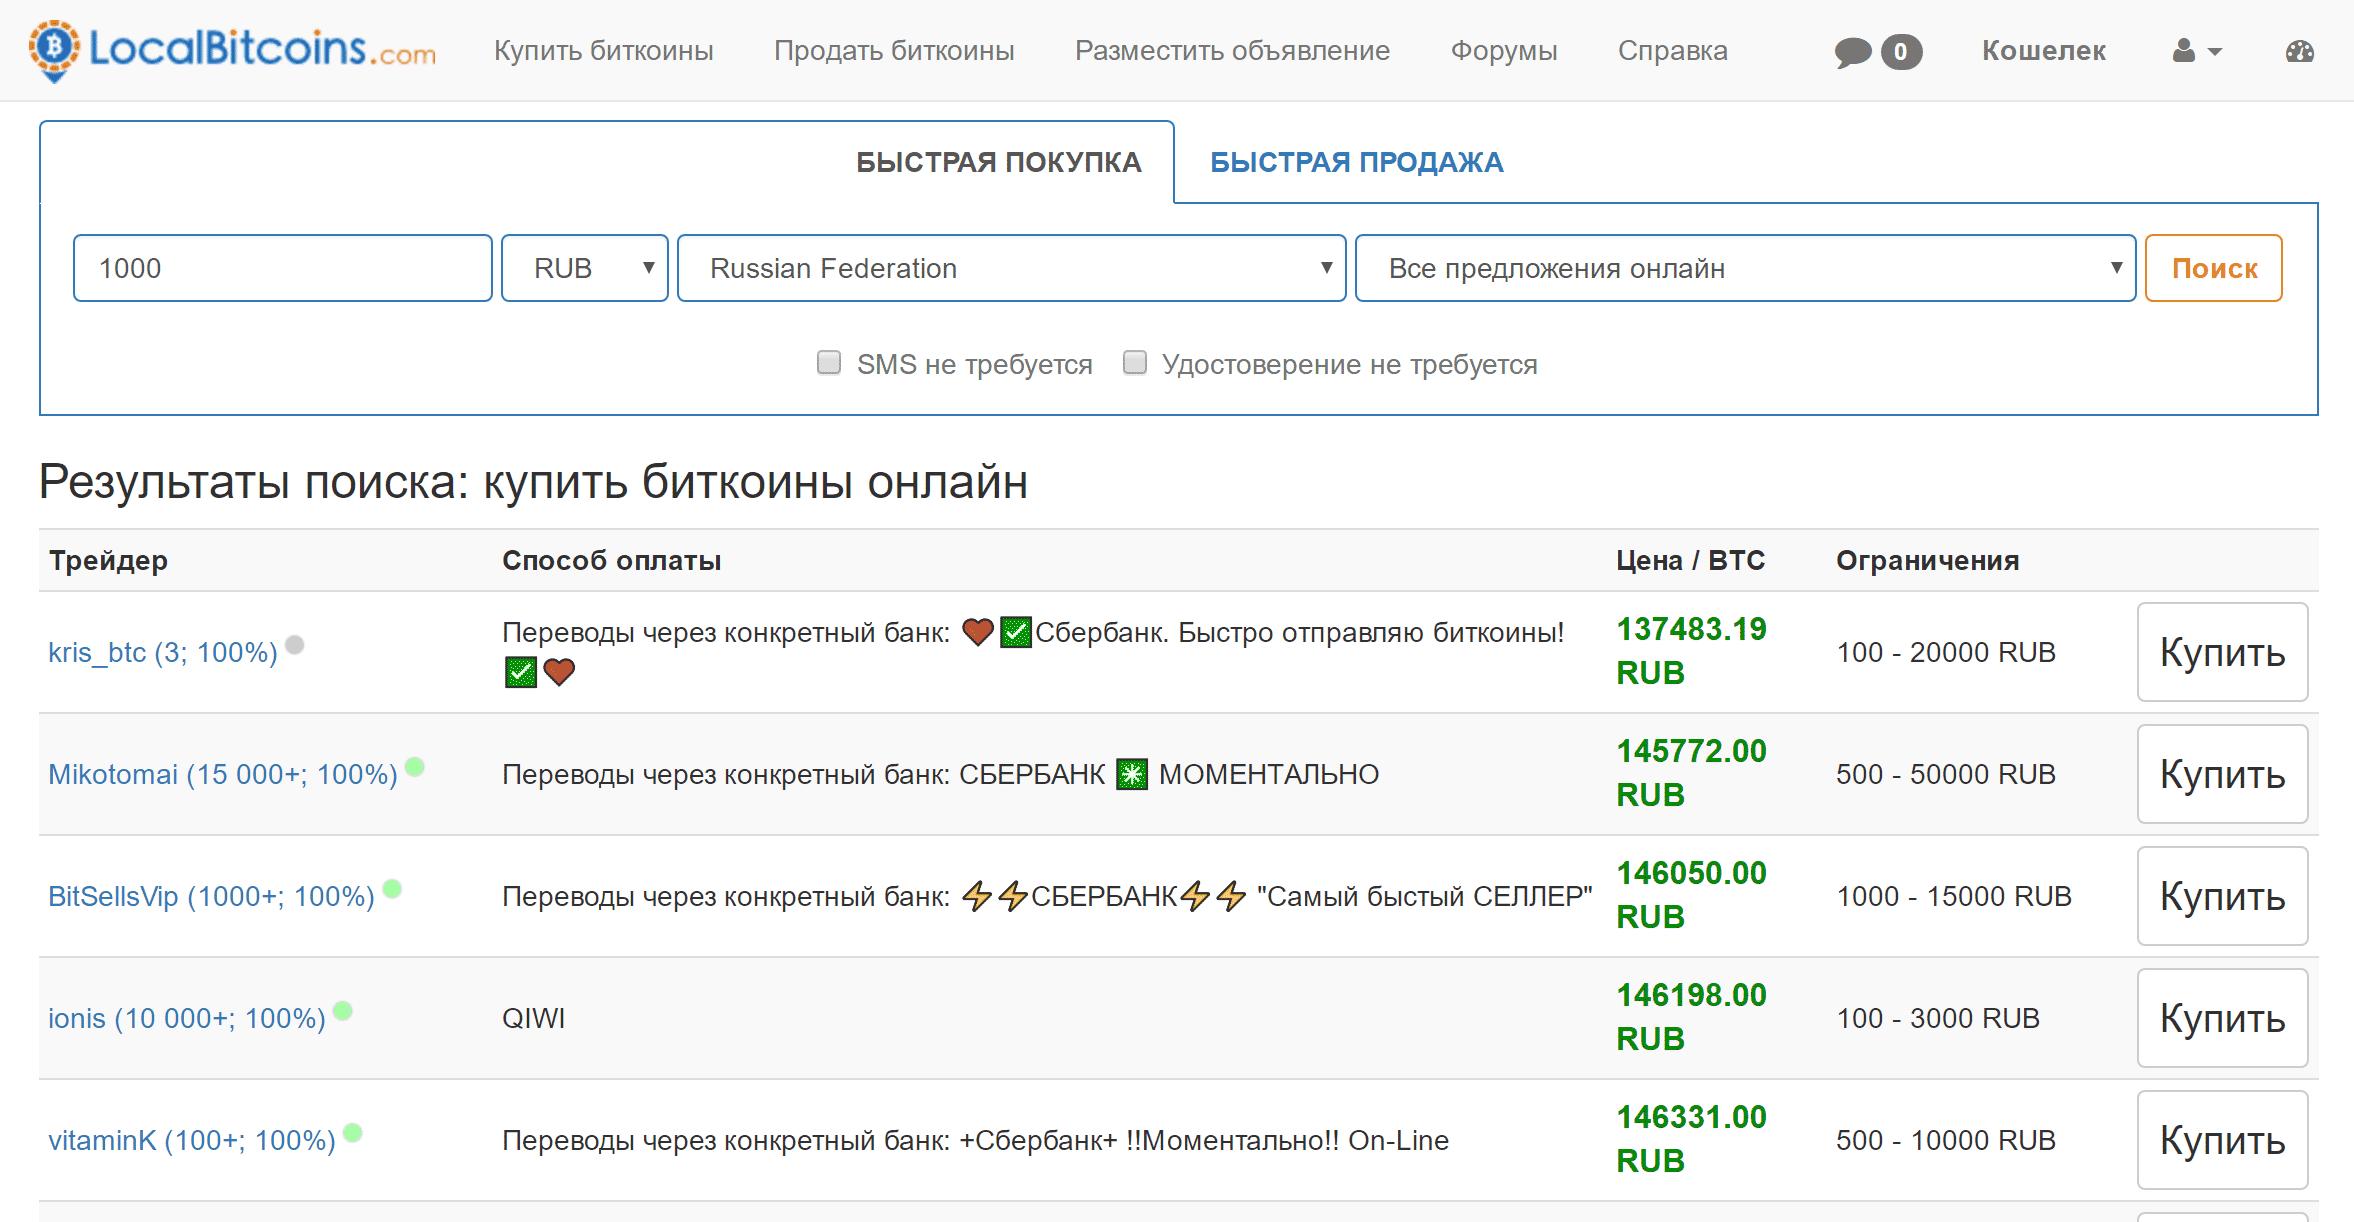 kereset a bitcoin tanfolyamon